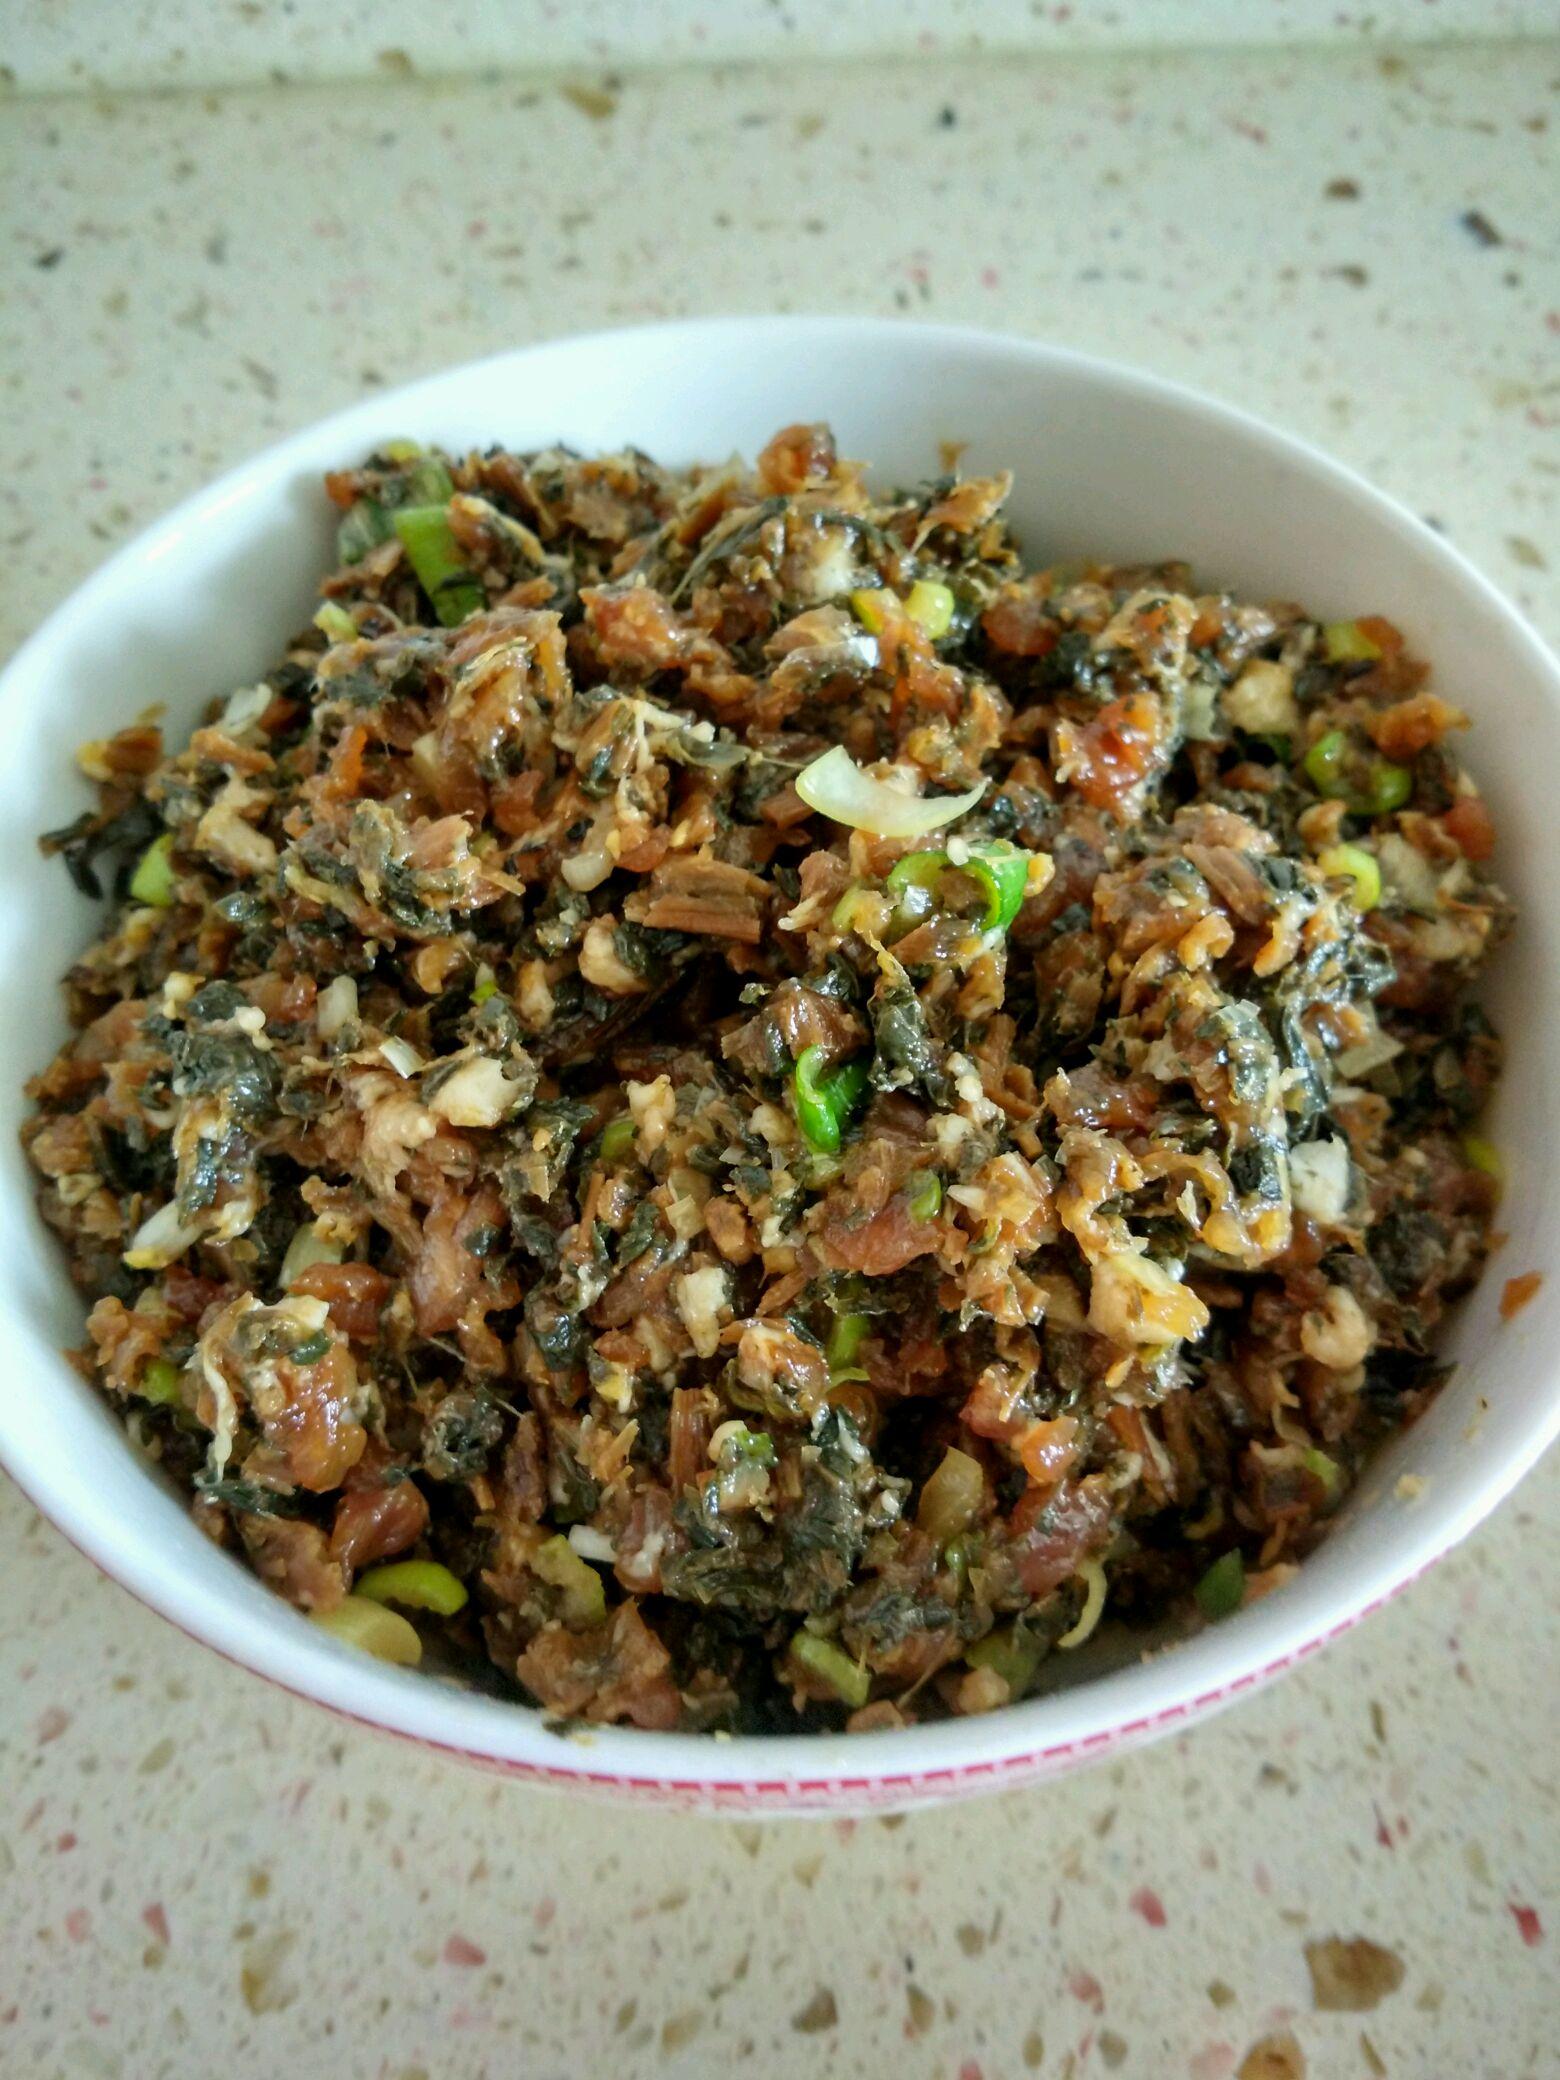 梅菜饺子的做法步骤